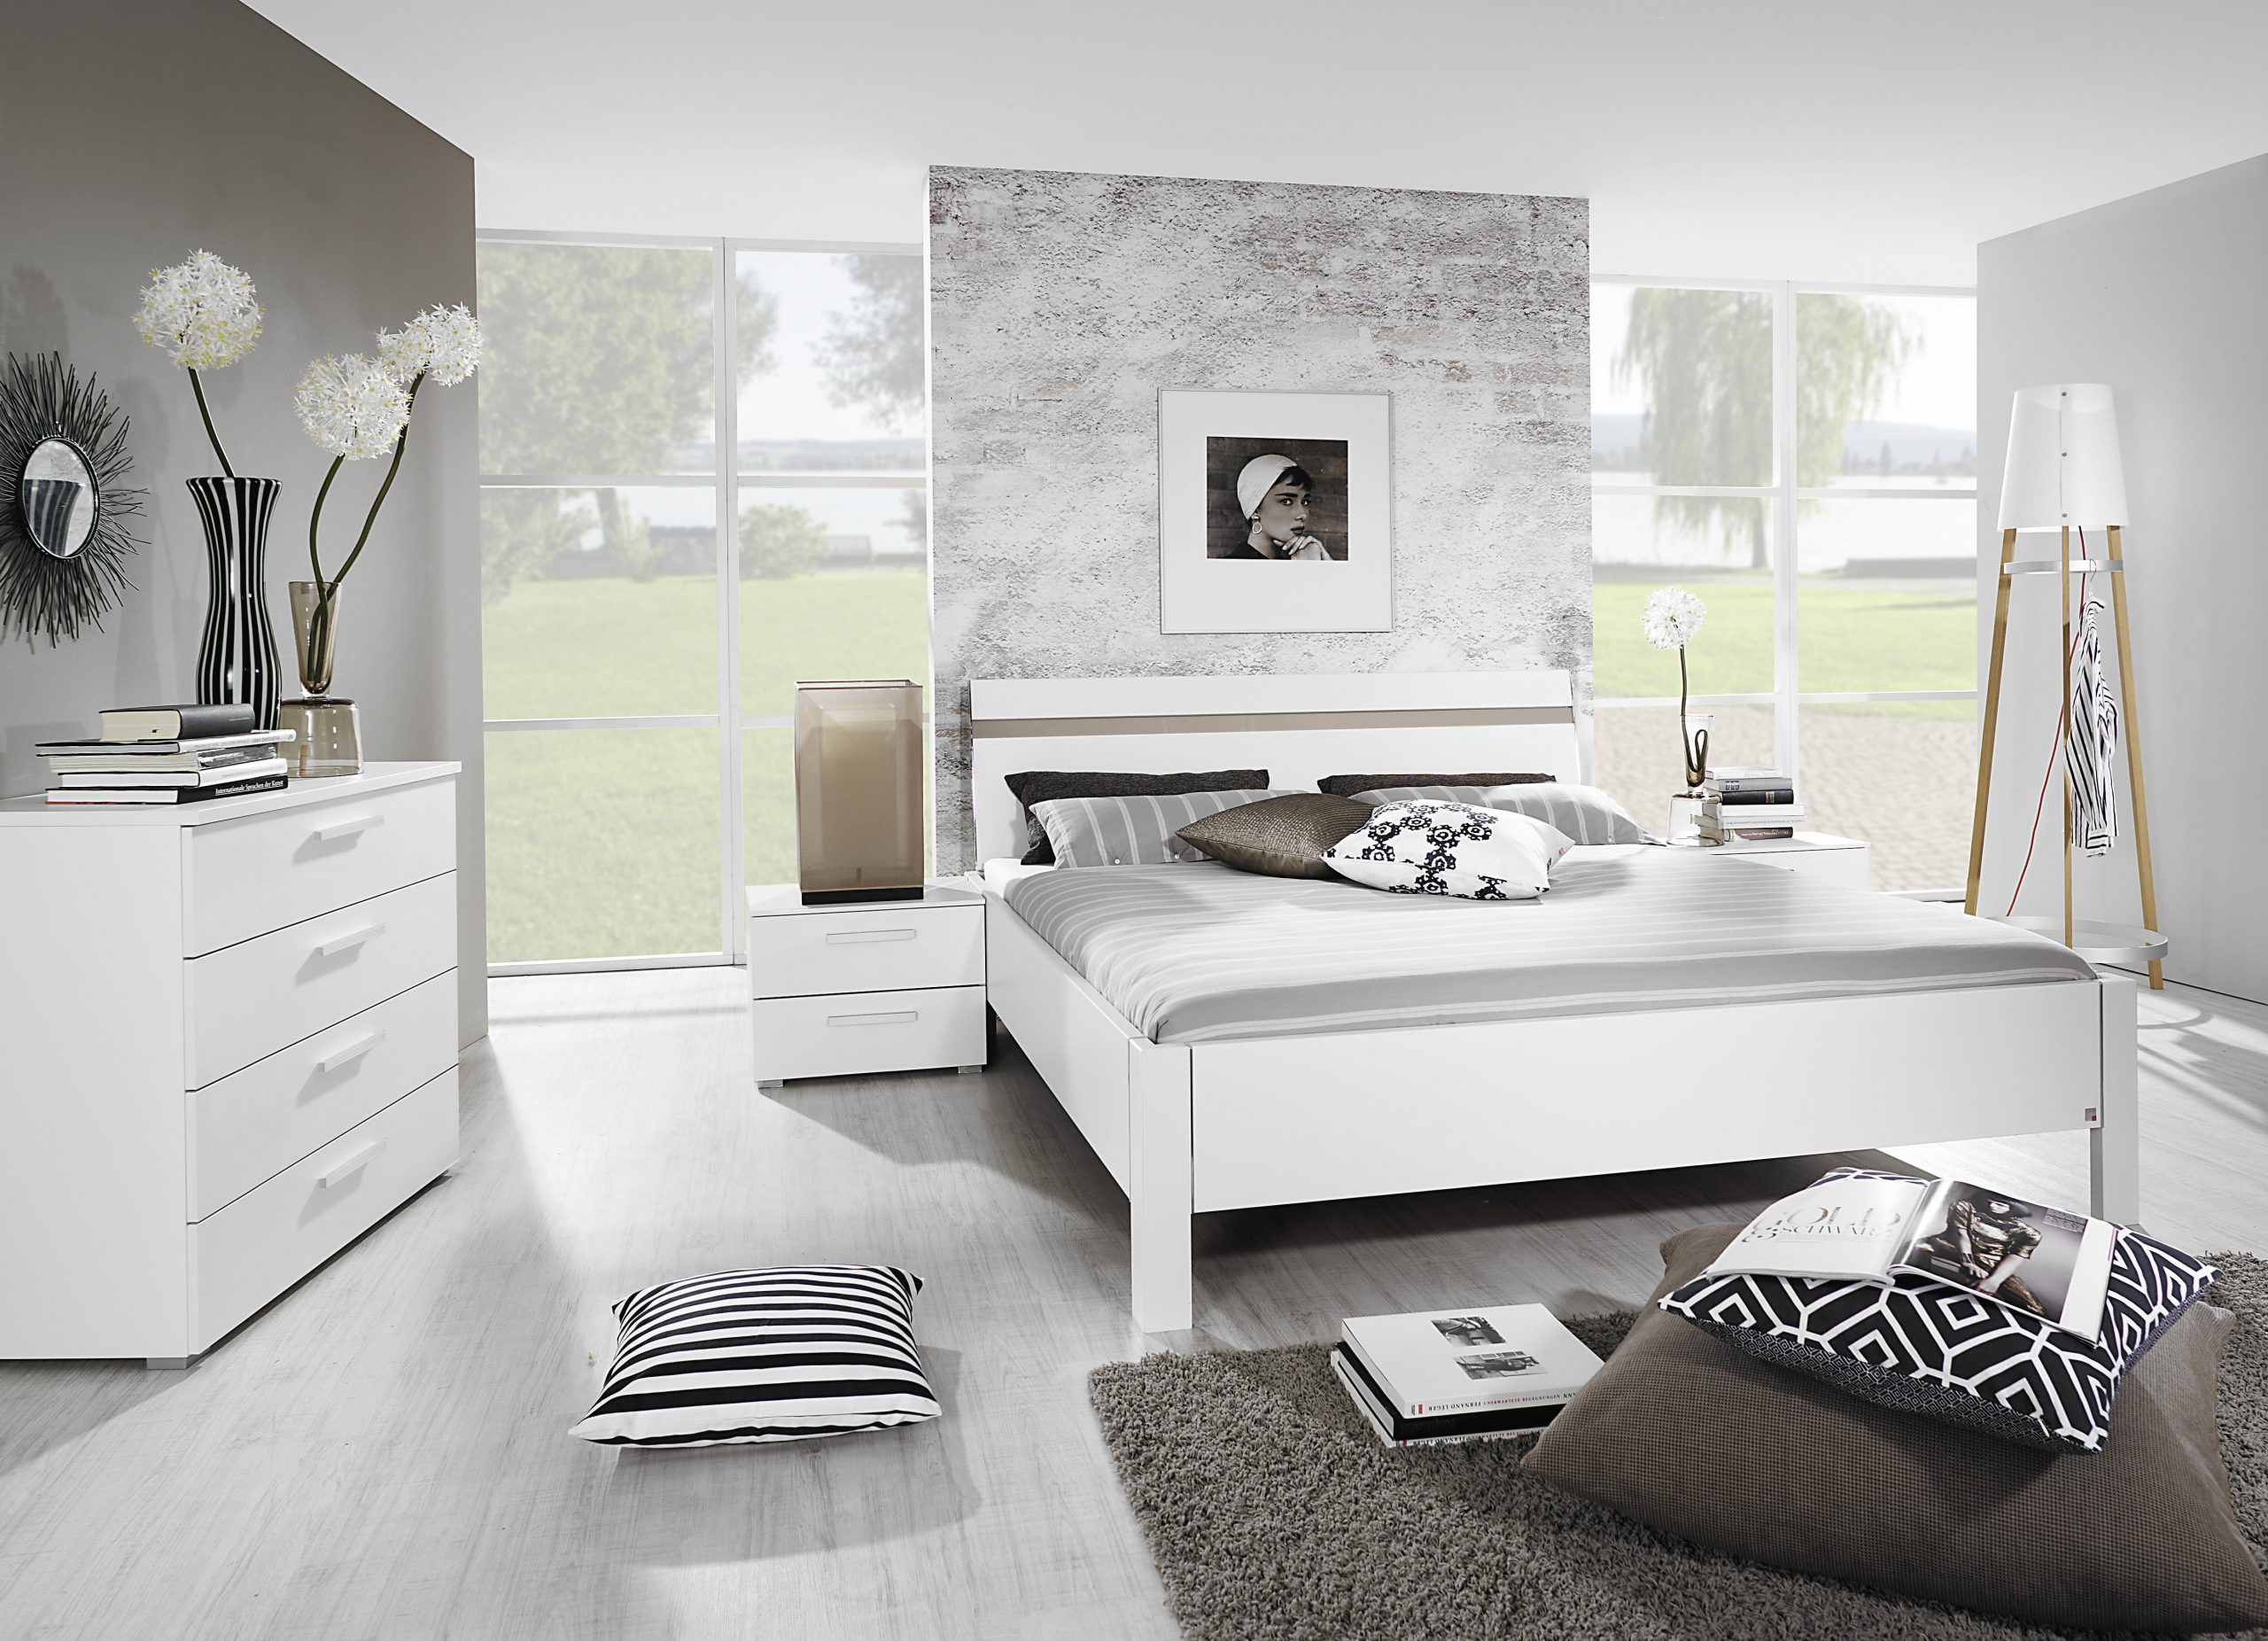 Full Size of Bett 120 Cm Breit Rückwand Barock 200x200 Schutzgitter Modern Design Einfaches Mit Beleuchtung Weißes Stauraum Günstig Betten Kaufen Massiv 180x200 Bett Bett 120x190